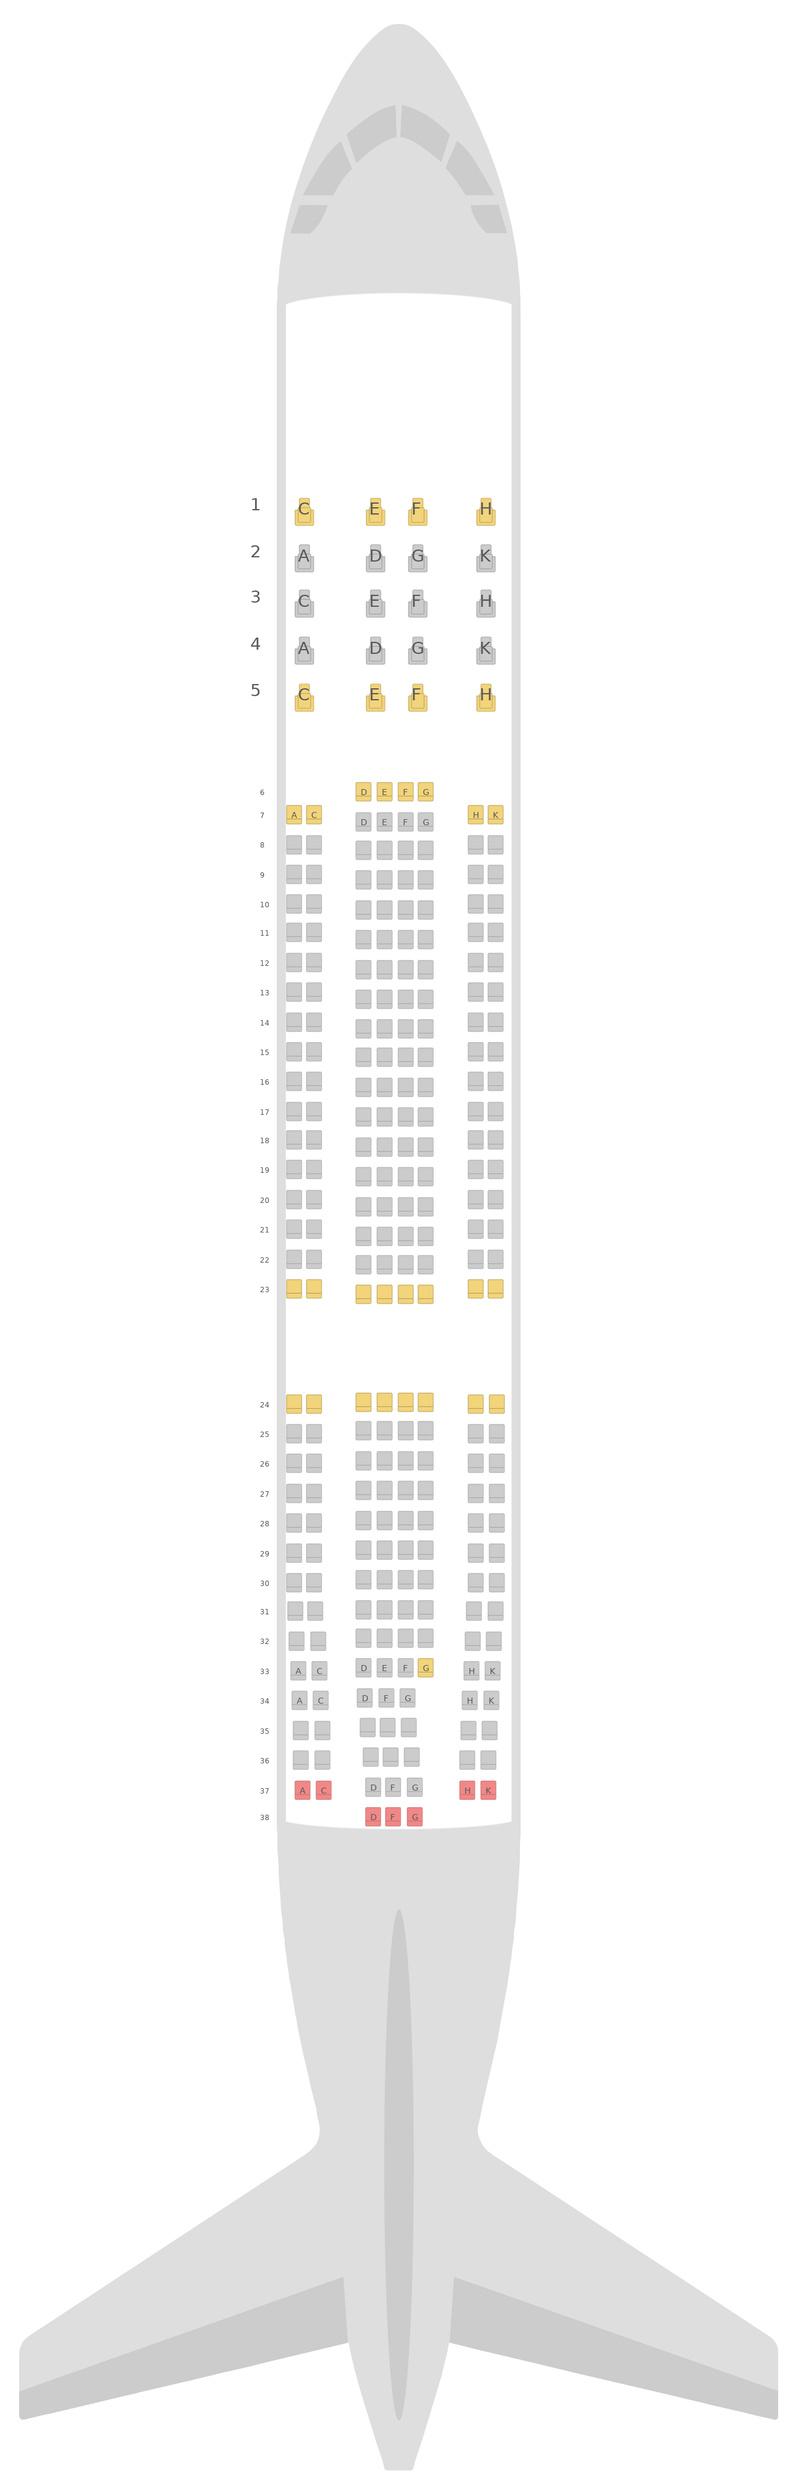 Схема салона Аэробус А330-200 (332) v1 Azul Airlines